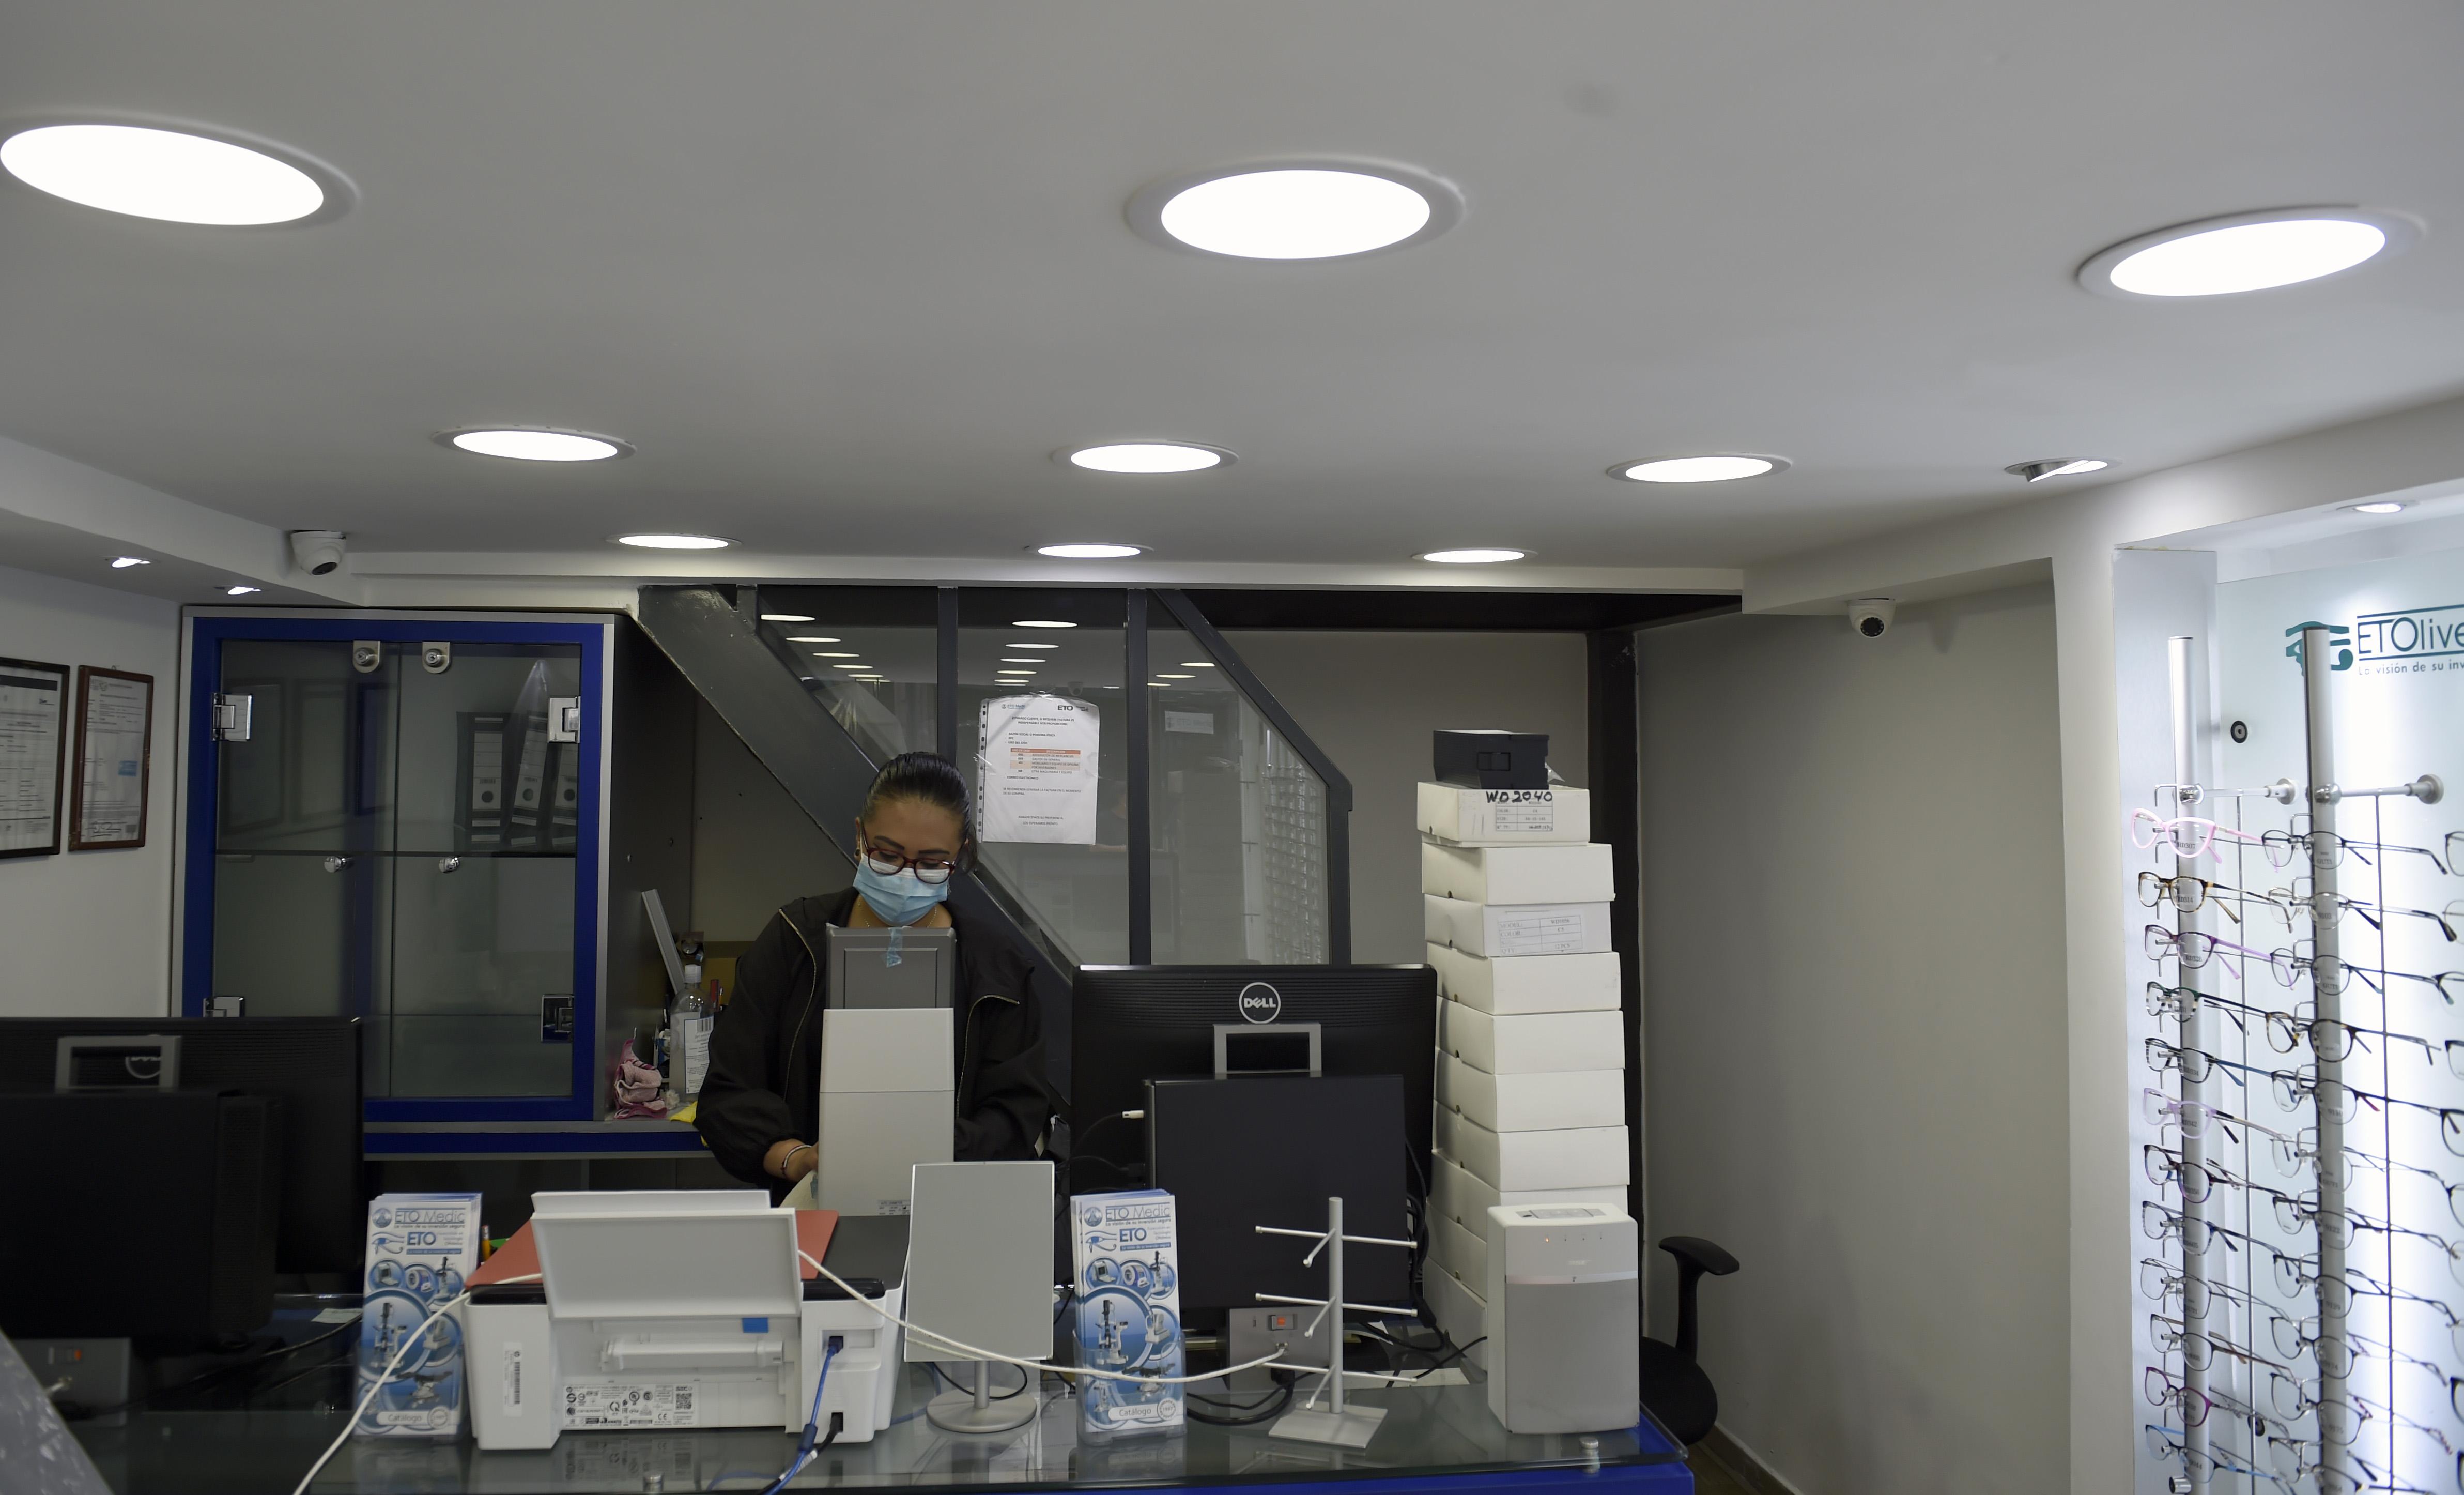 El empleado de una óptica limpia antes de volver a abrir en la Ciudad de México el 29 de junio de 2020 durante la pandemia de COVID-19. (Foto: ALFREDO ESTRELLA / AFP)